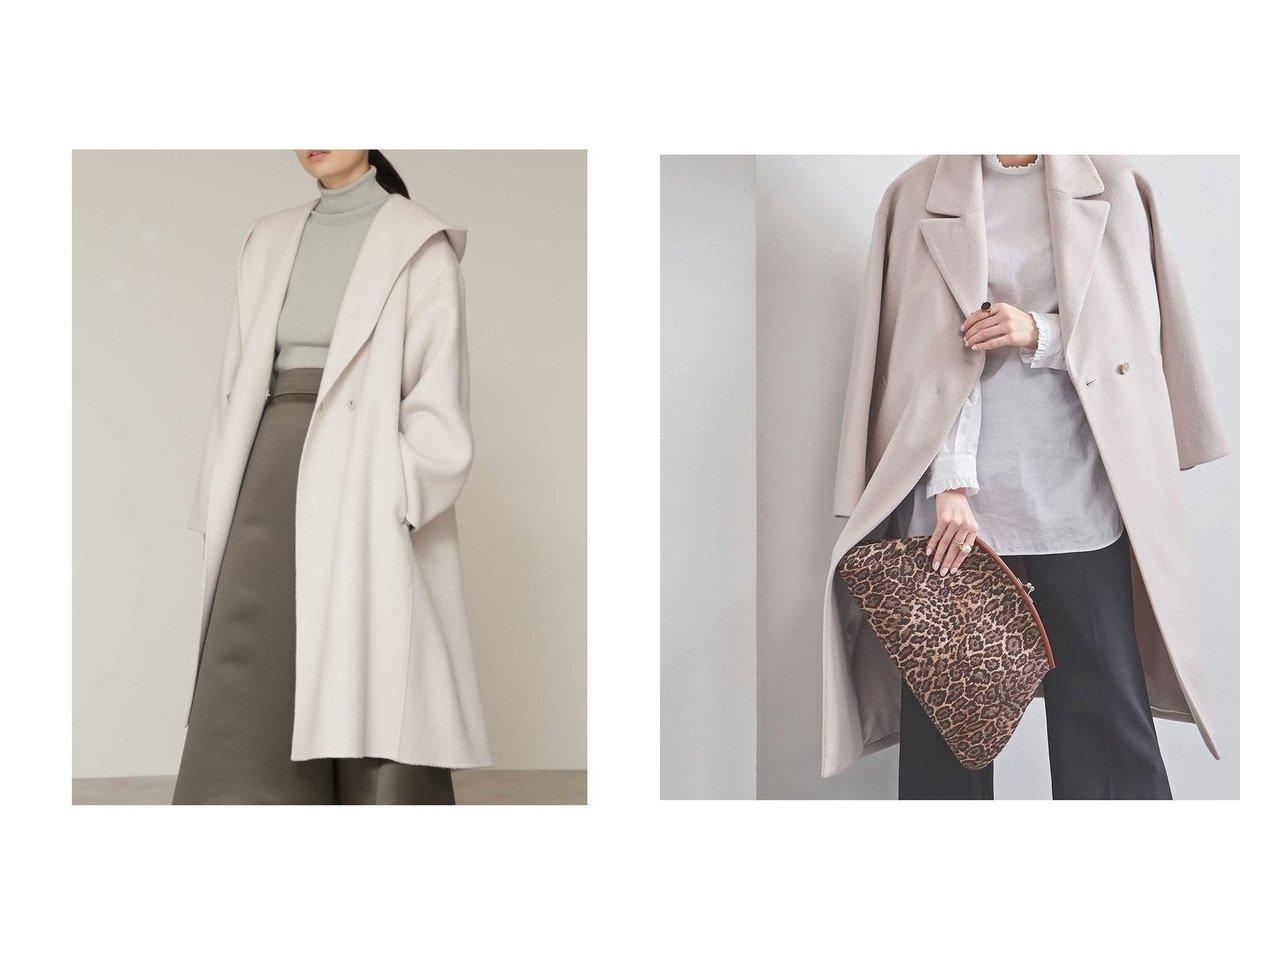 【BOSCH/ボッシュ】のウールリバーフードコート&【UNITED ARROWS/ユナイテッドアローズ】のN BIG テーラードコート† アウターのおすすめ!人気、トレンド・レディースファッションの通販  おすすめで人気の流行・トレンド、ファッションの通販商品 メンズファッション・キッズファッション・インテリア・家具・レディースファッション・服の通販 founy(ファニー) https://founy.com/ ファッション Fashion レディースファッション WOMEN アウター Coat Outerwear コート Coats ジャケット Jackets エレガント ショート ジャケット |ID:crp329100000012756